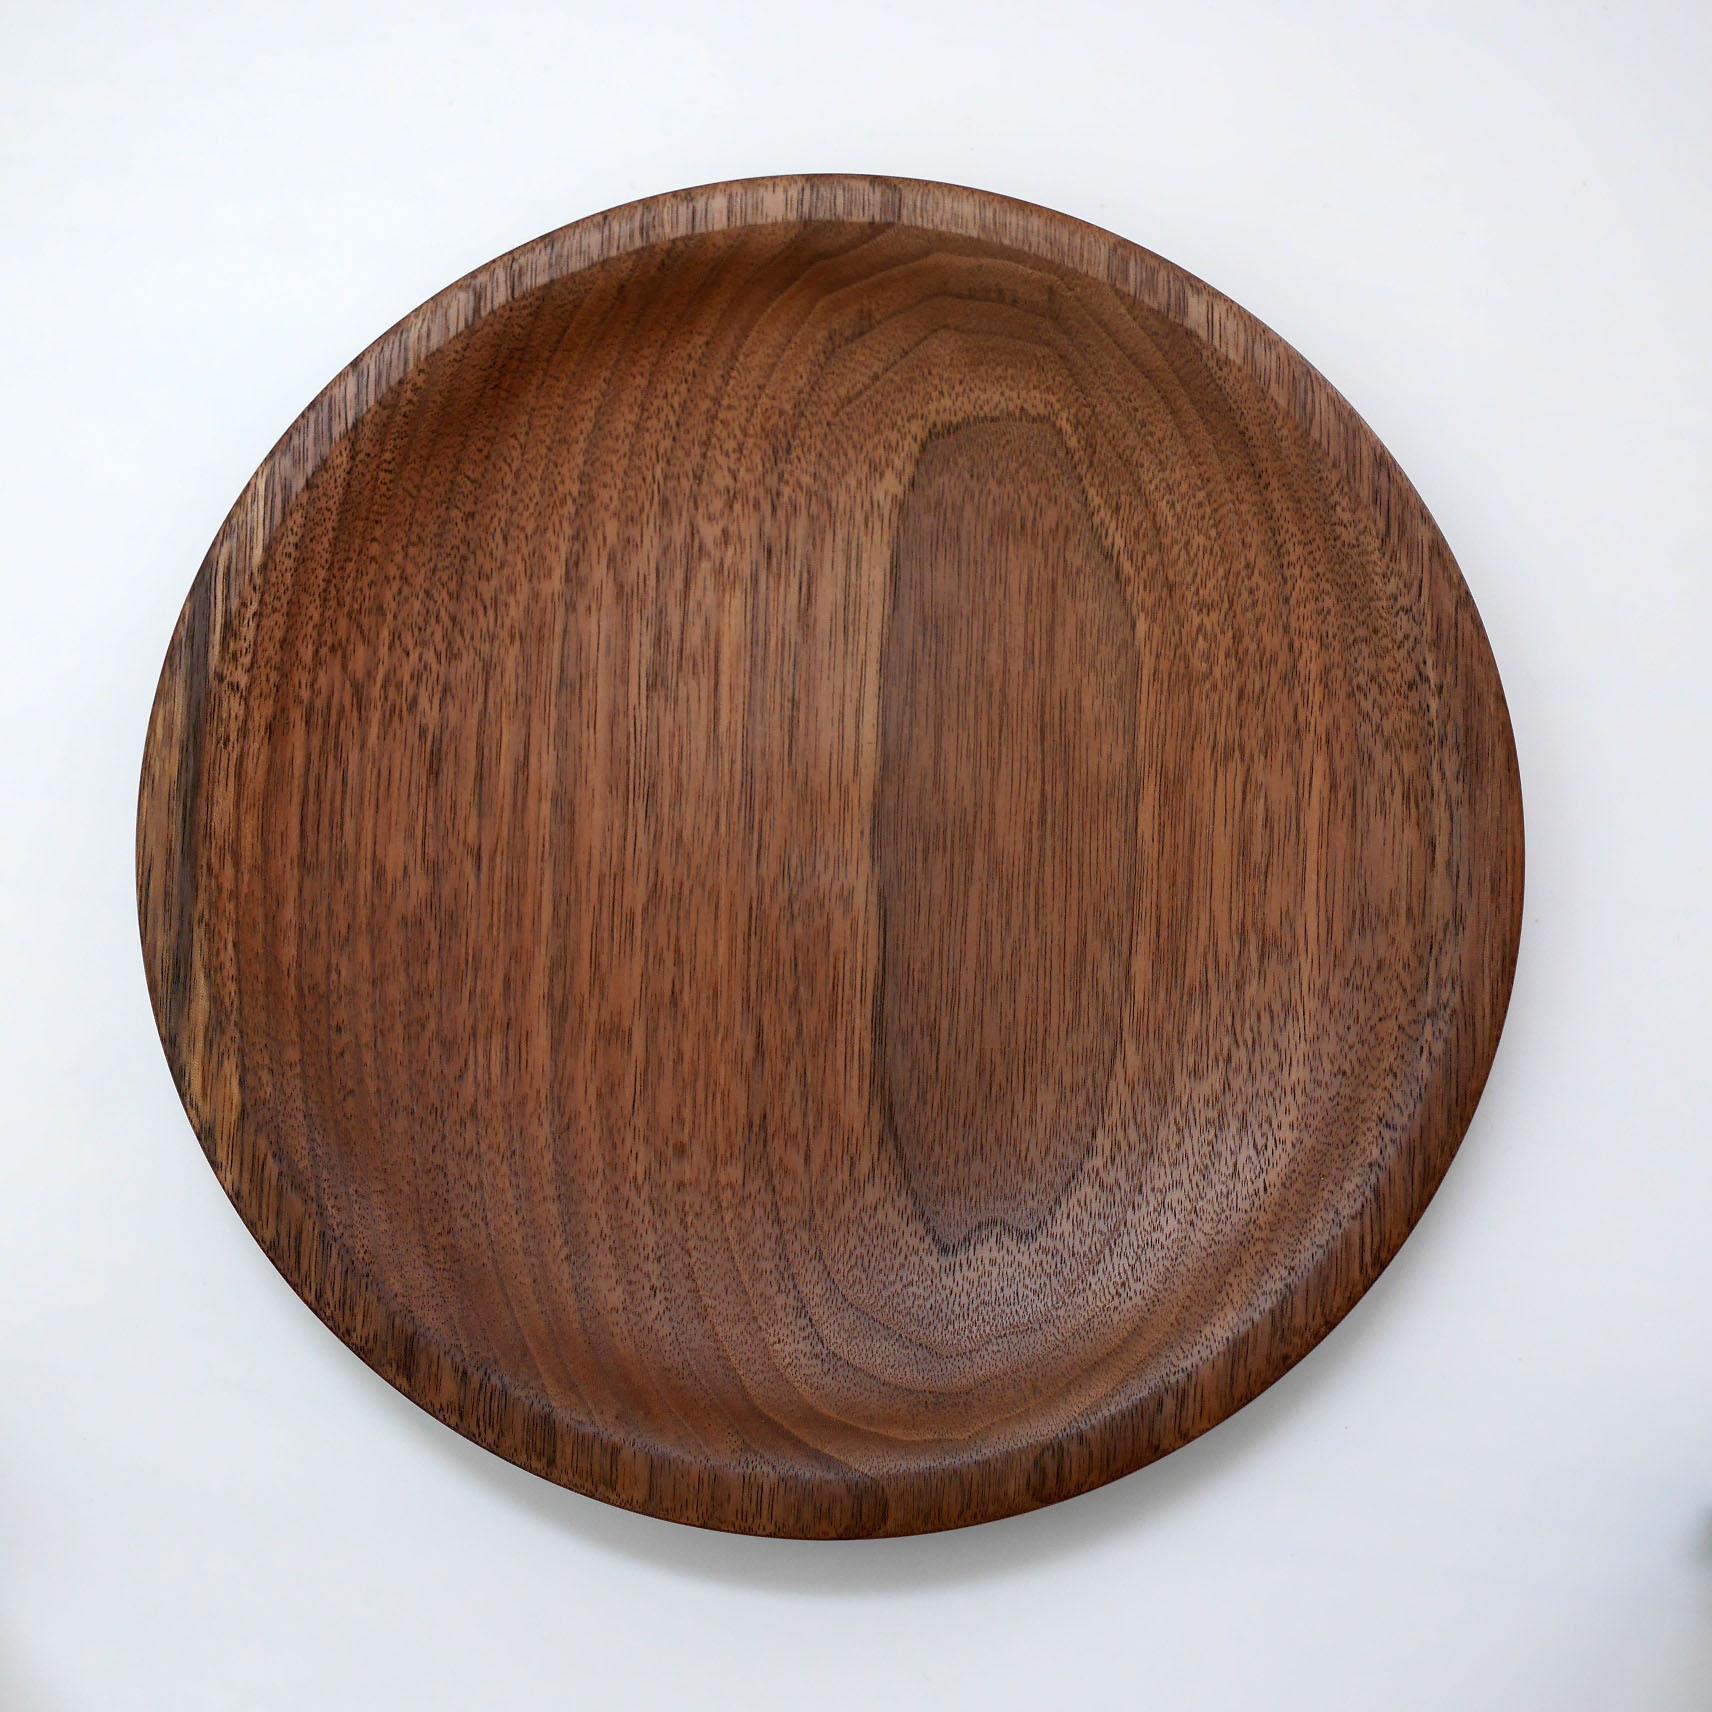 【現品】お皿(ブラックウォルナット)